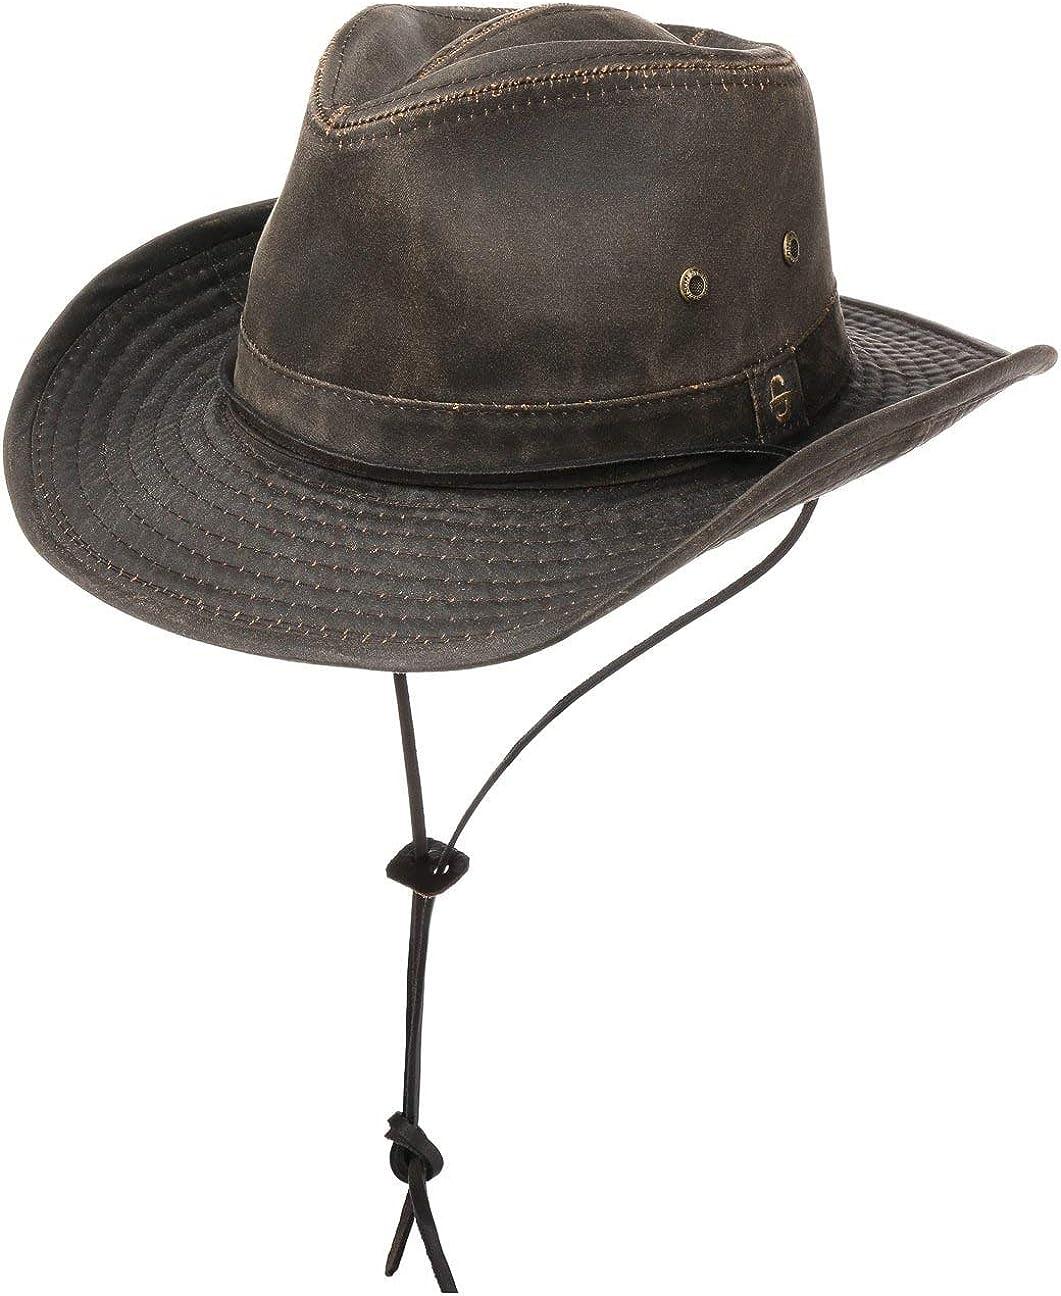 Stetson Sombrero Diaz Mujer/Hombre - de Vaquero Tela Look Vintage con Tira para el mentón, Ribete, Flecos Verano/Invierno